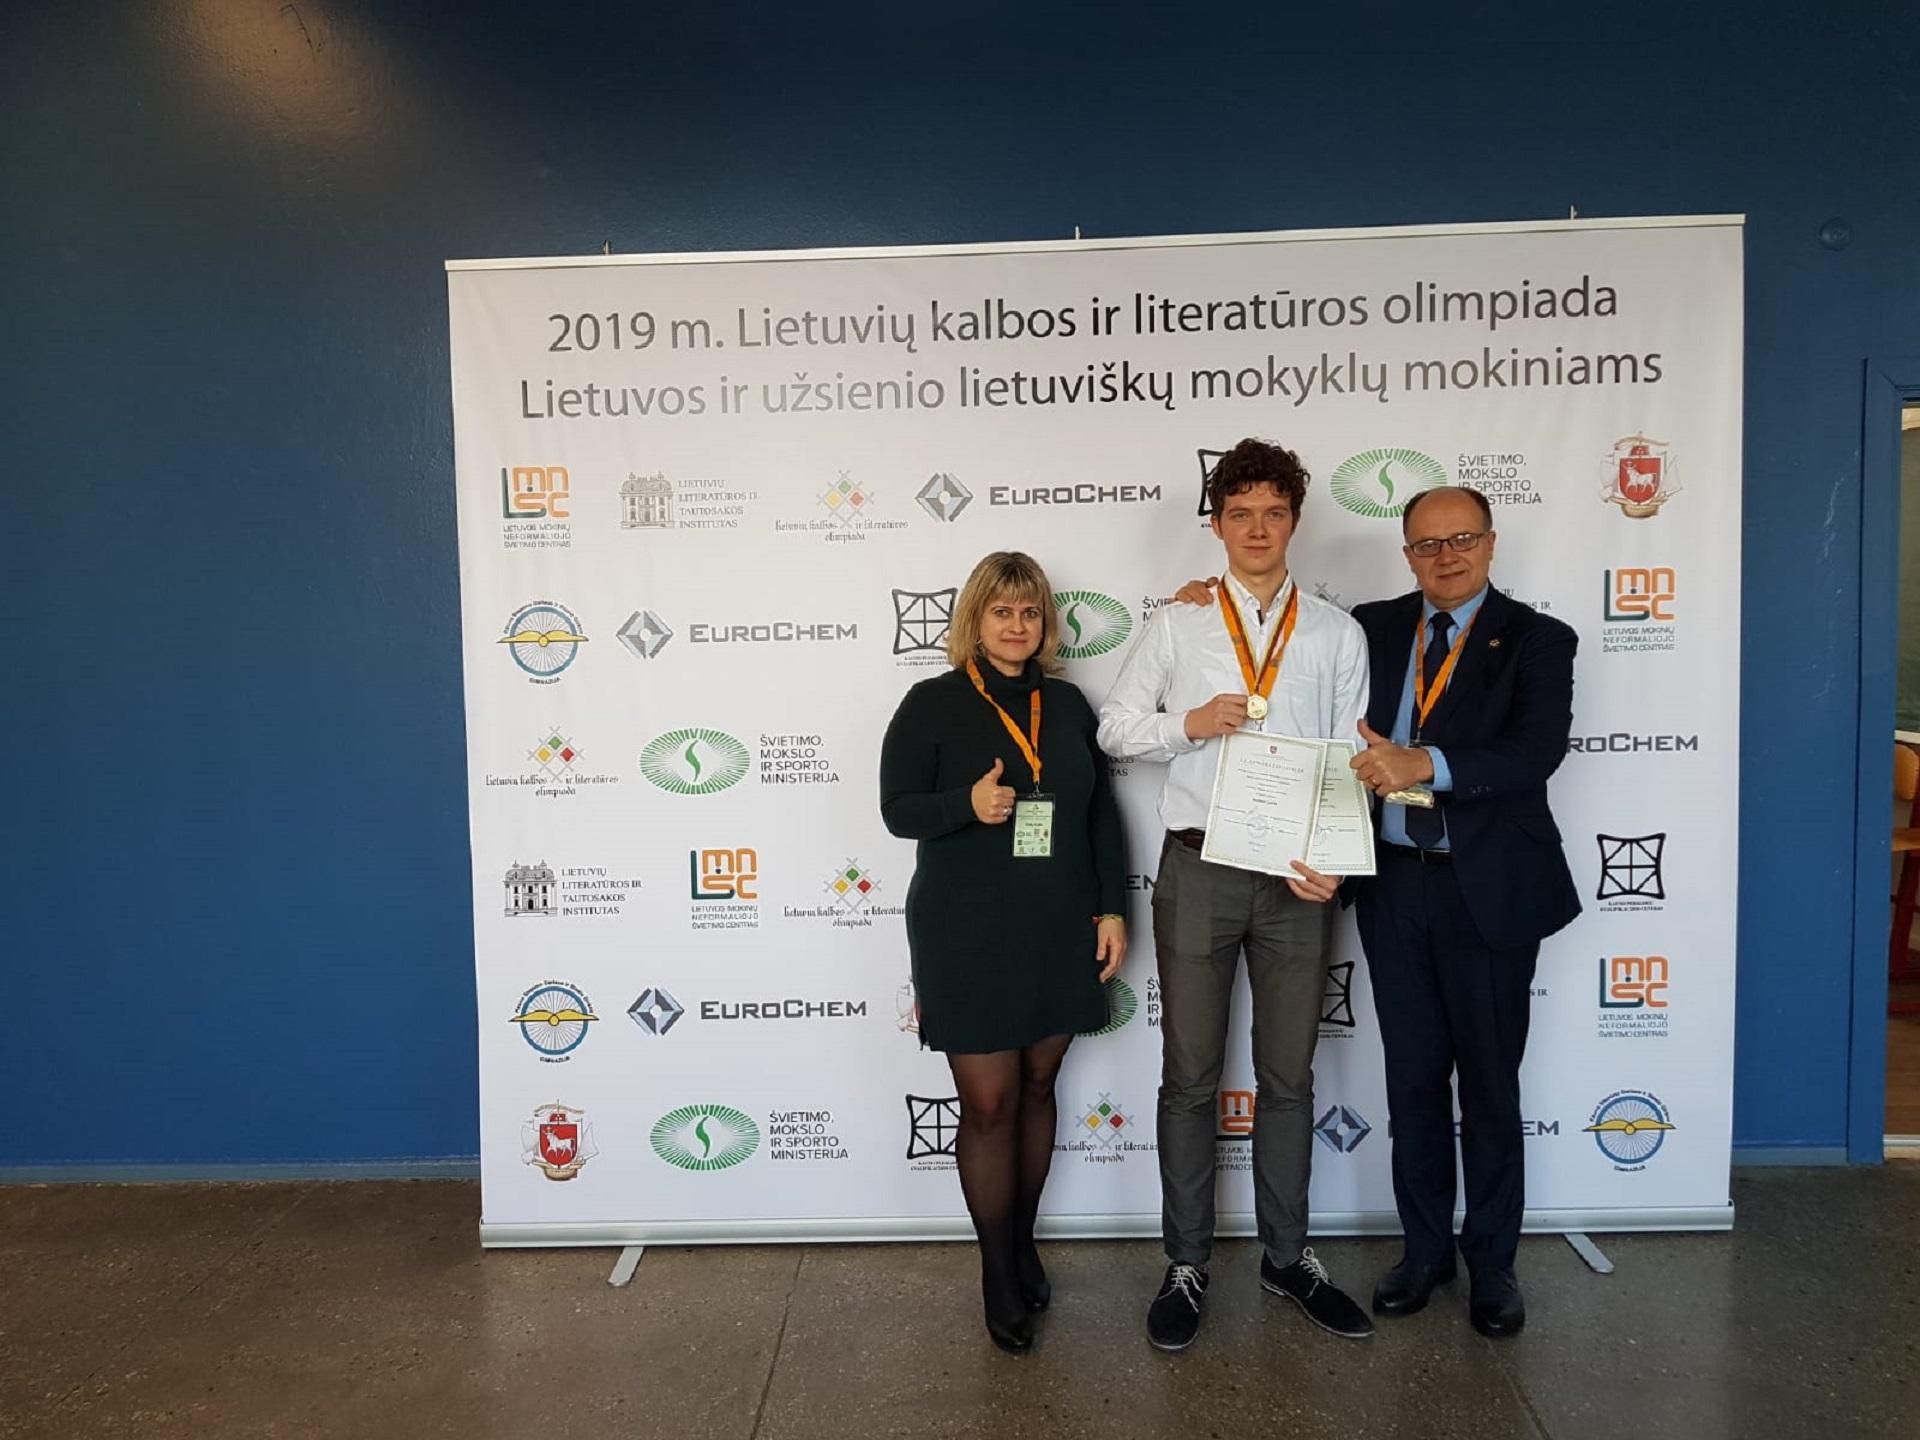 Mūsų gimnazistas – Lietuvių kalbos ir literatūros olimpiados nugalėtojas!